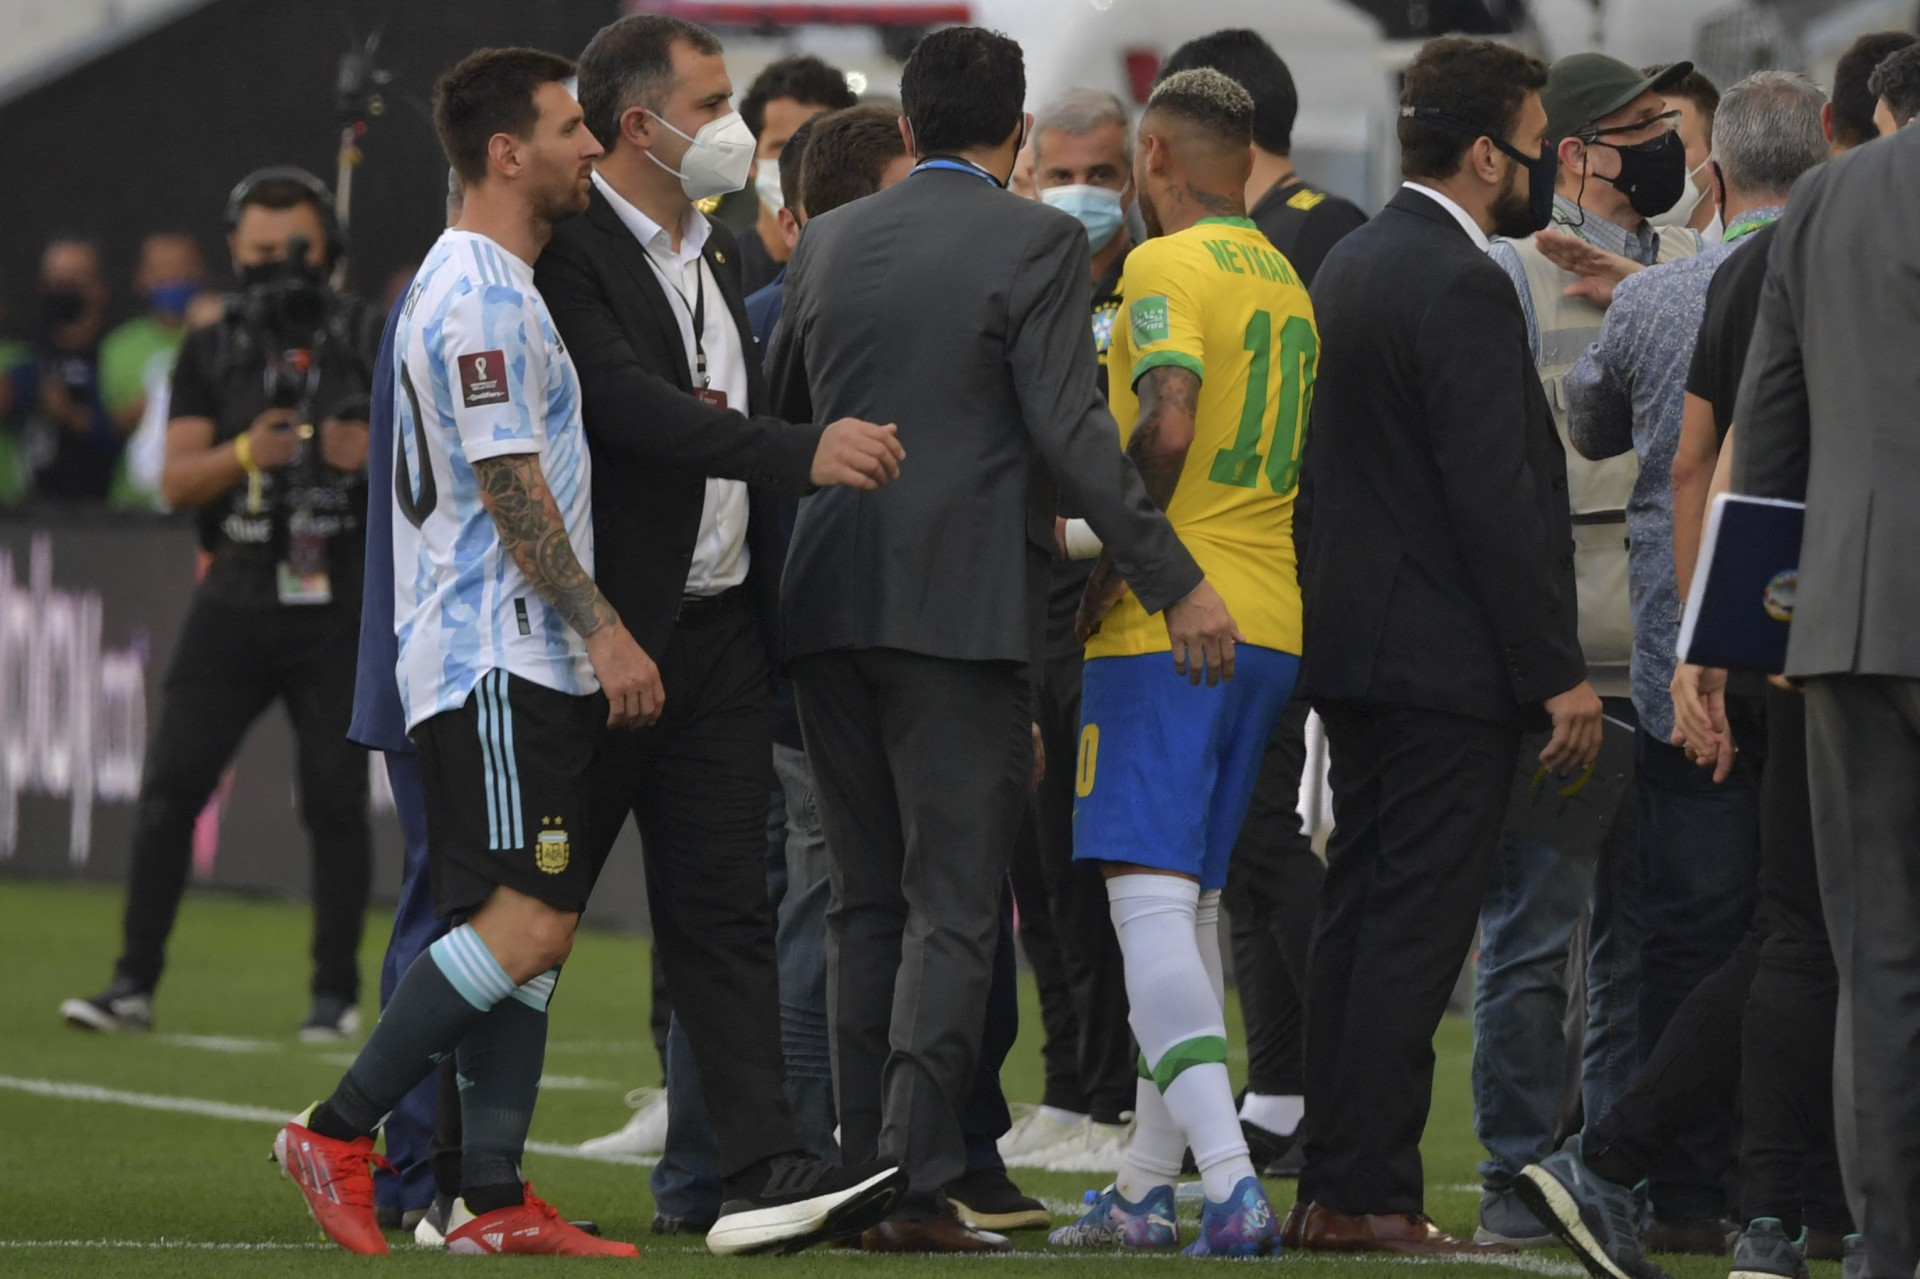 Jair Bolsonaro tentou interferir e reiniciar o duelo entre Brasil e Argentina, diz site